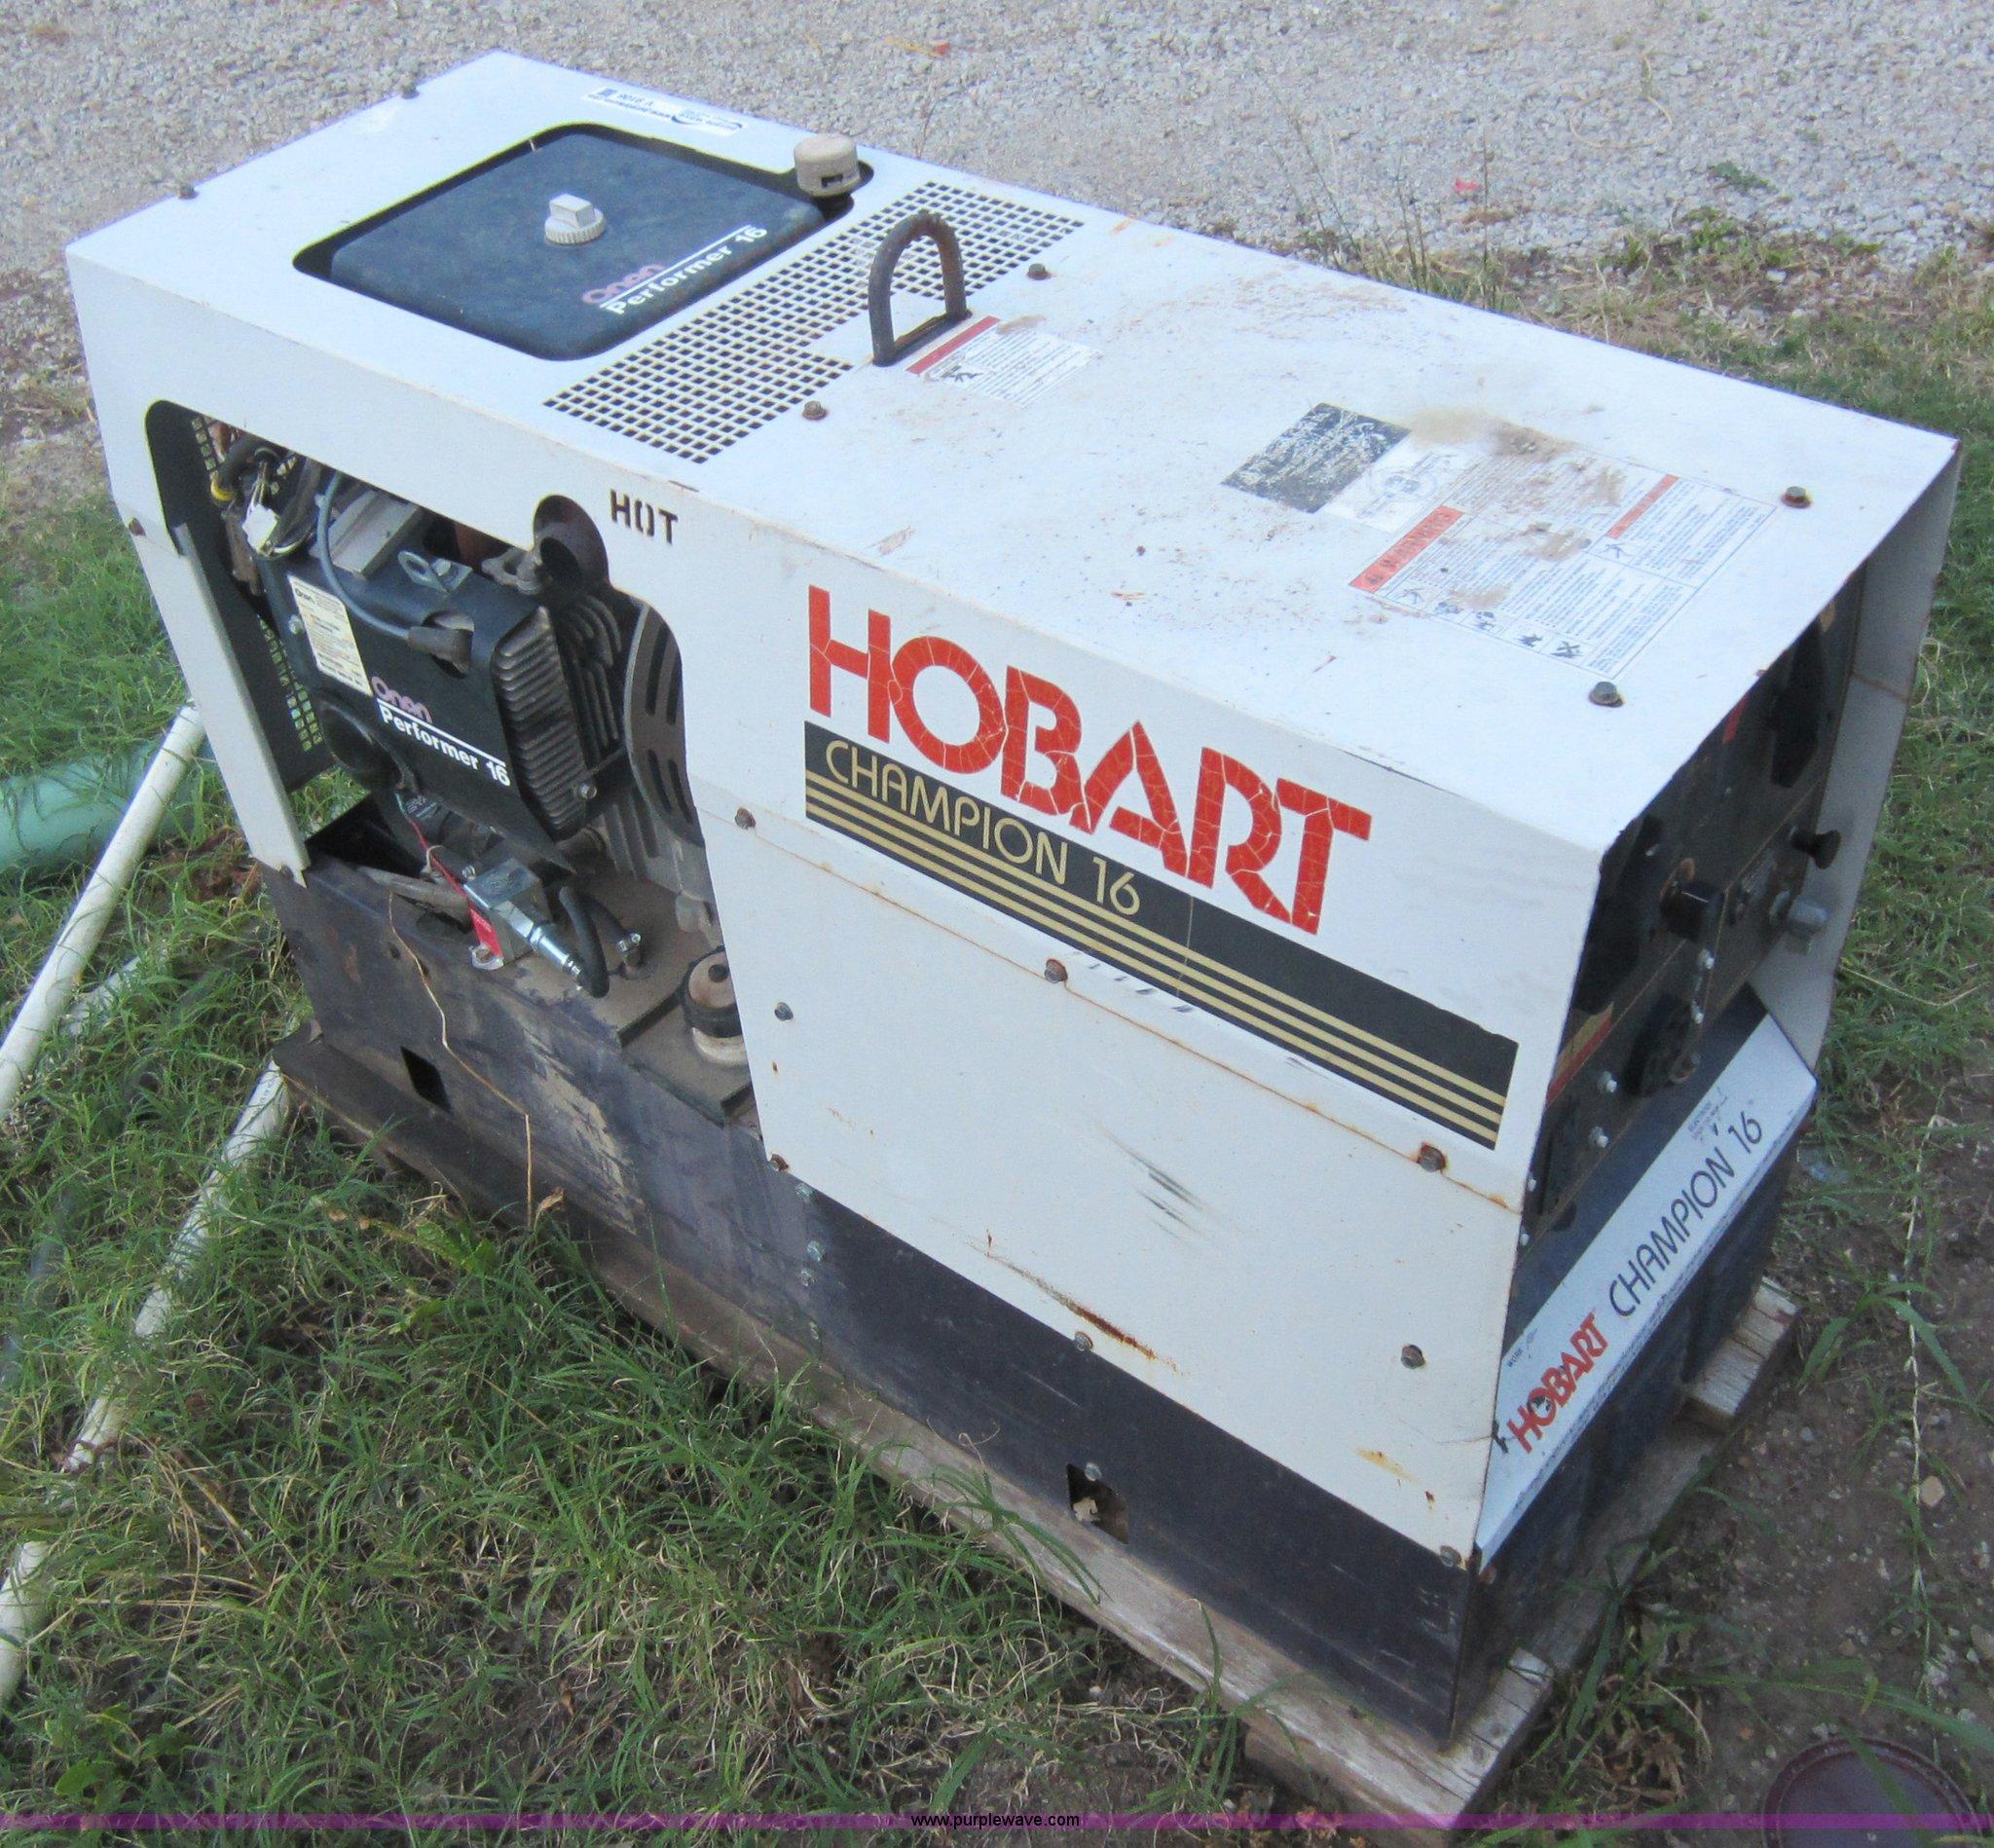 Hobart Tig Welder >> Hobart Champion 16 welder/generator | Item V9106 | SOLD ...